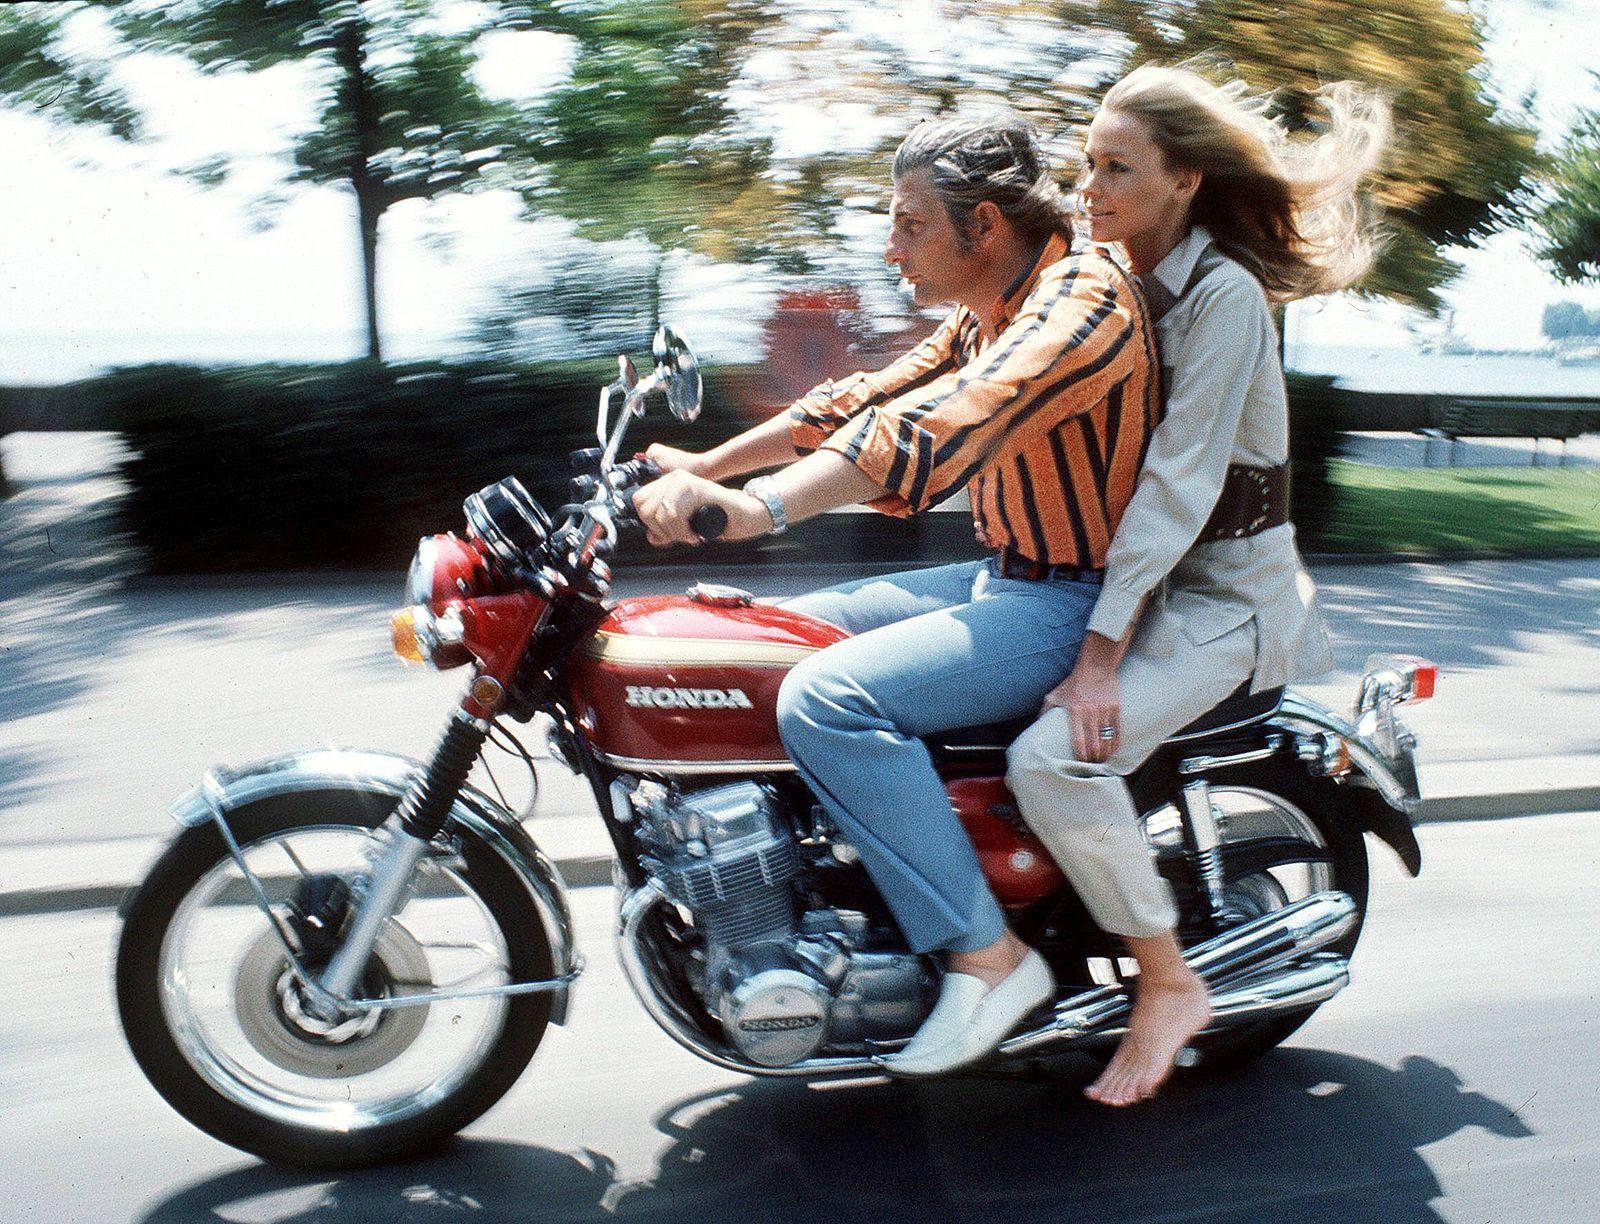 Gunter Sachs GER und Ehefrau Mirja SWE unterwegs auf dem Motorrad